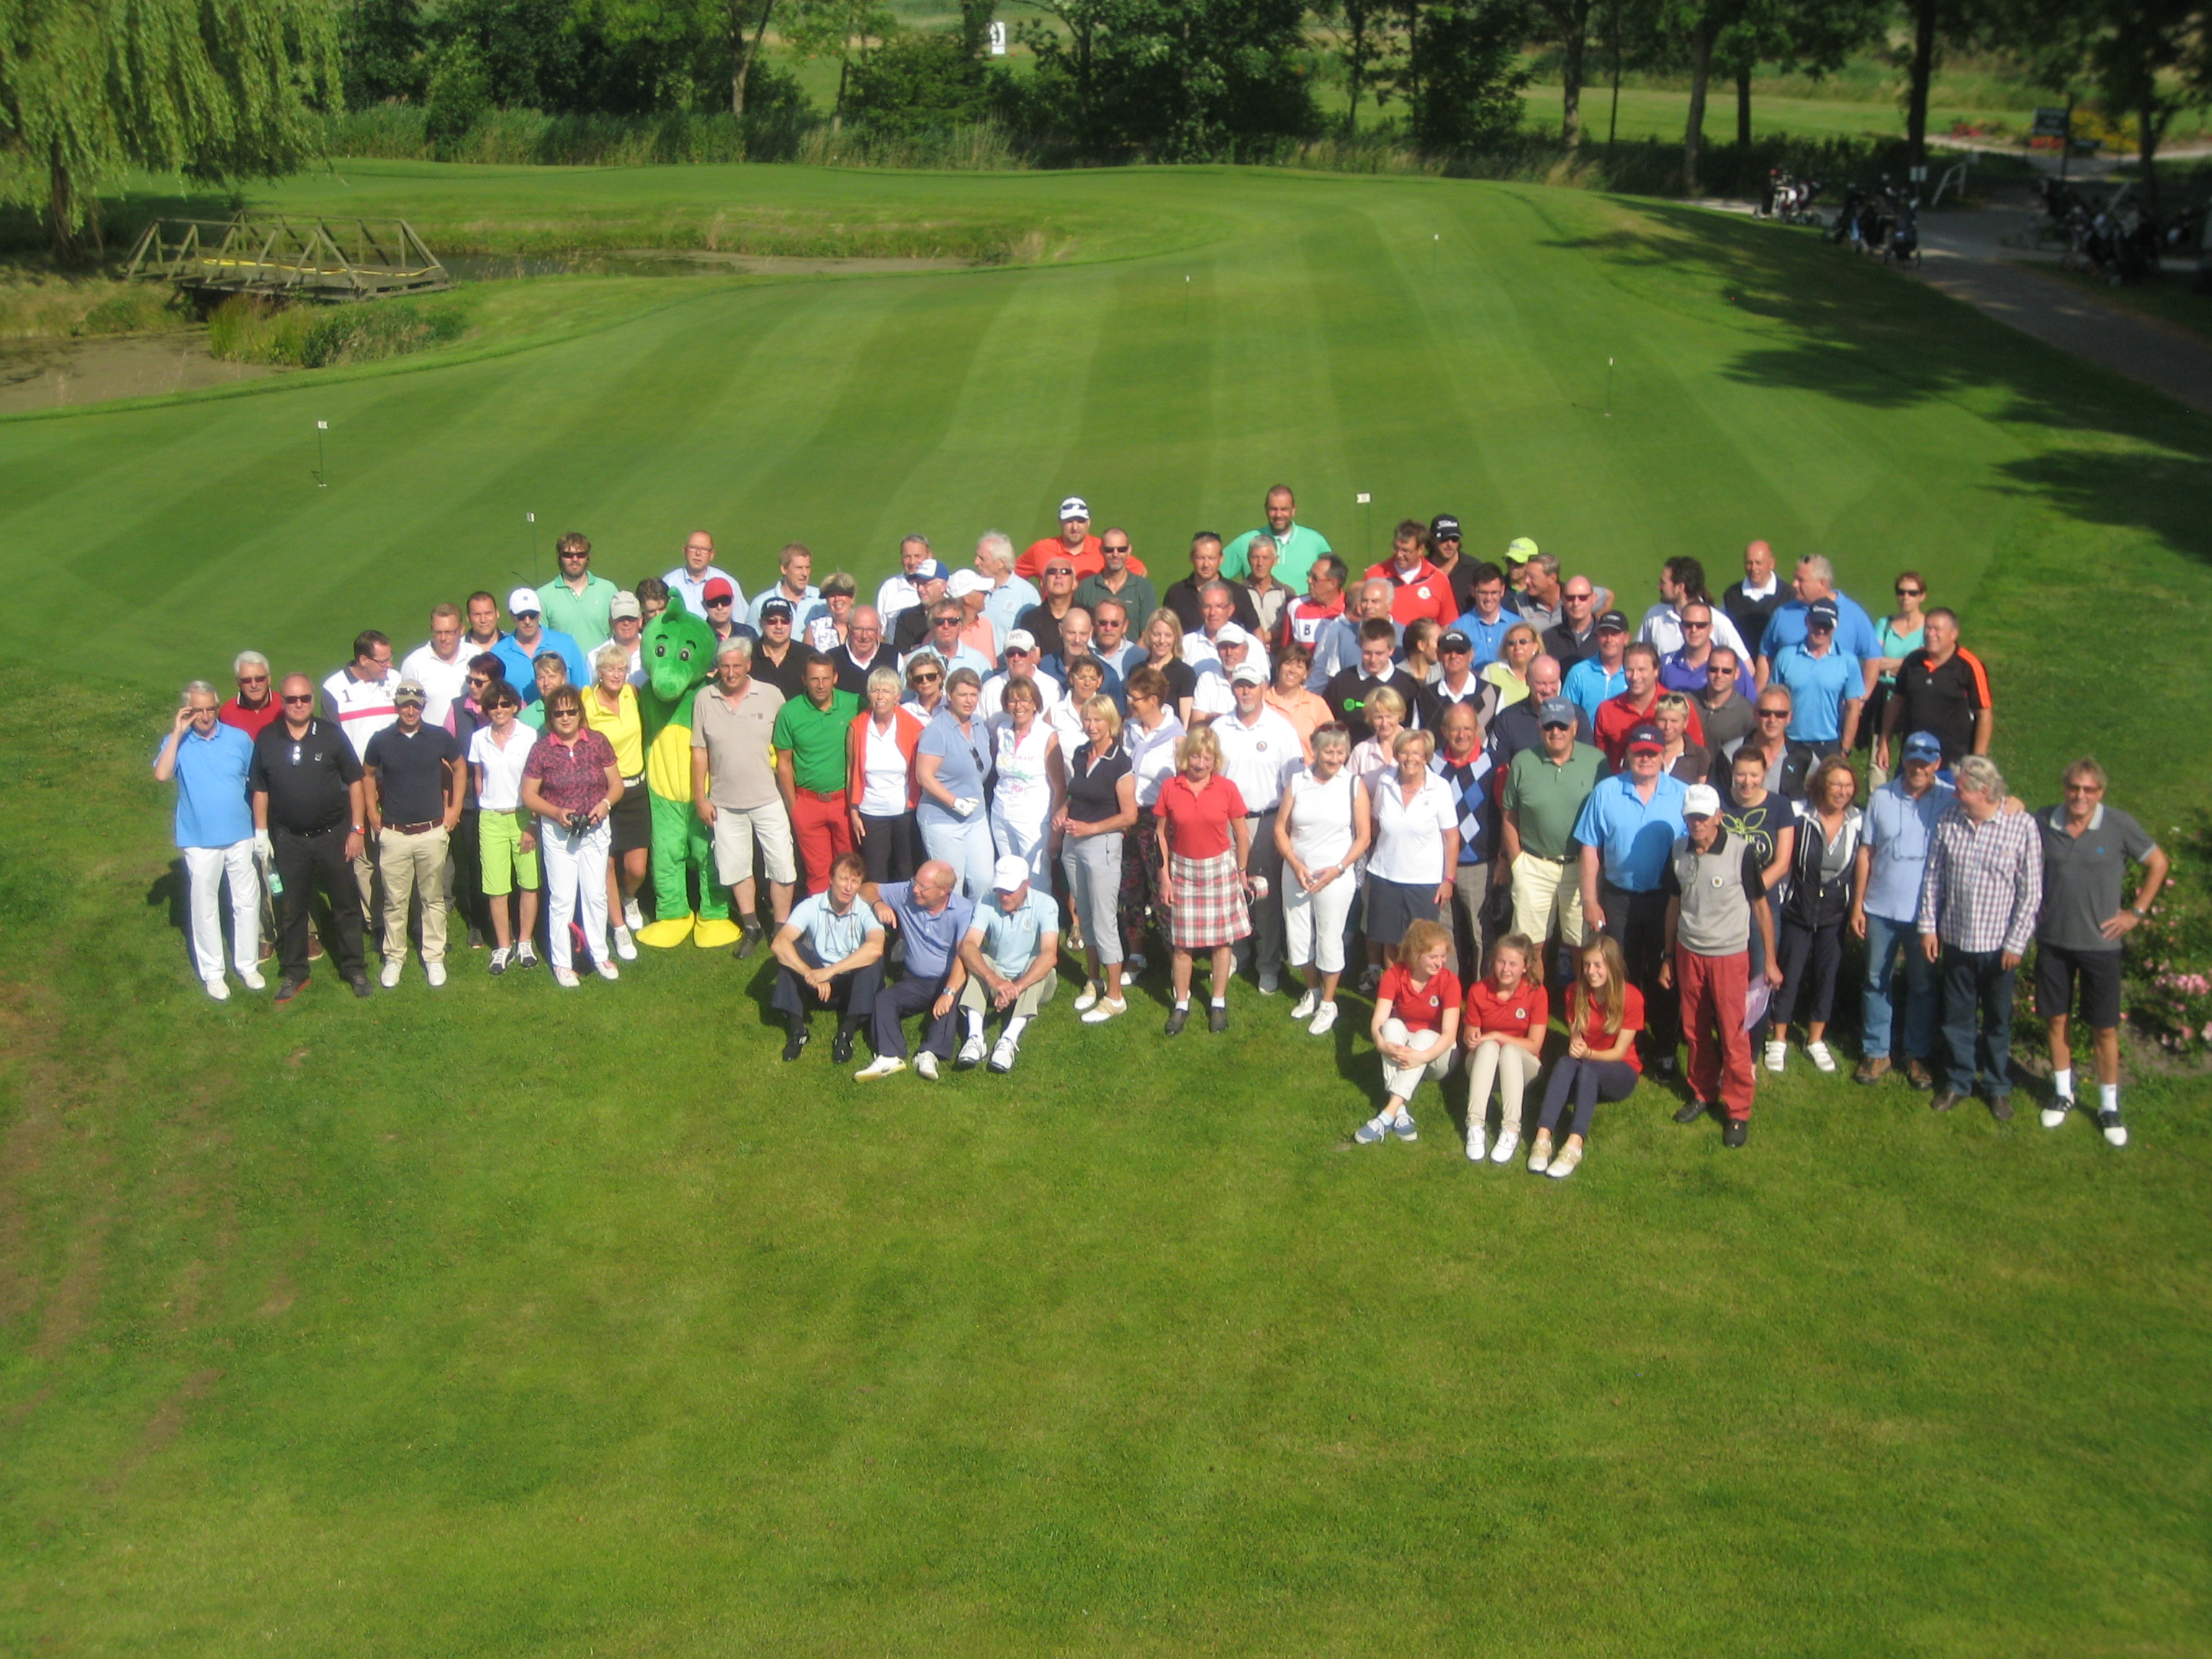 Golfclub Wilhelmshaven-Friesland mit großem Prominenten-Turnier